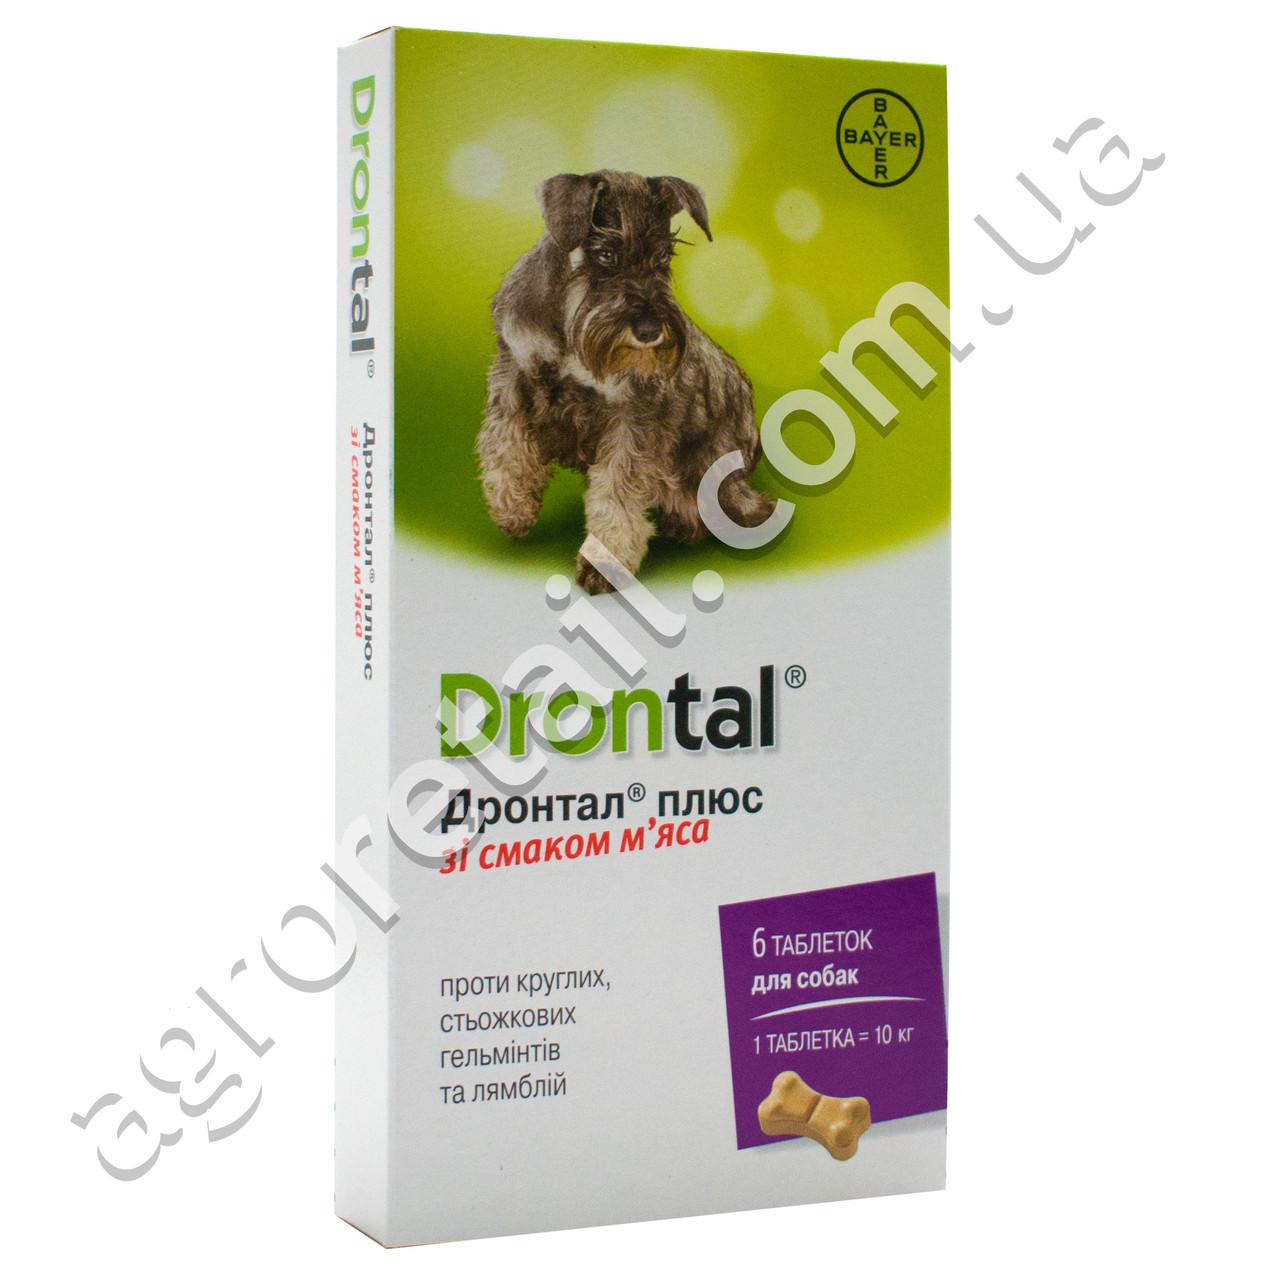 Дронтал плюс для собак со вкусом мяса 6 таблеток